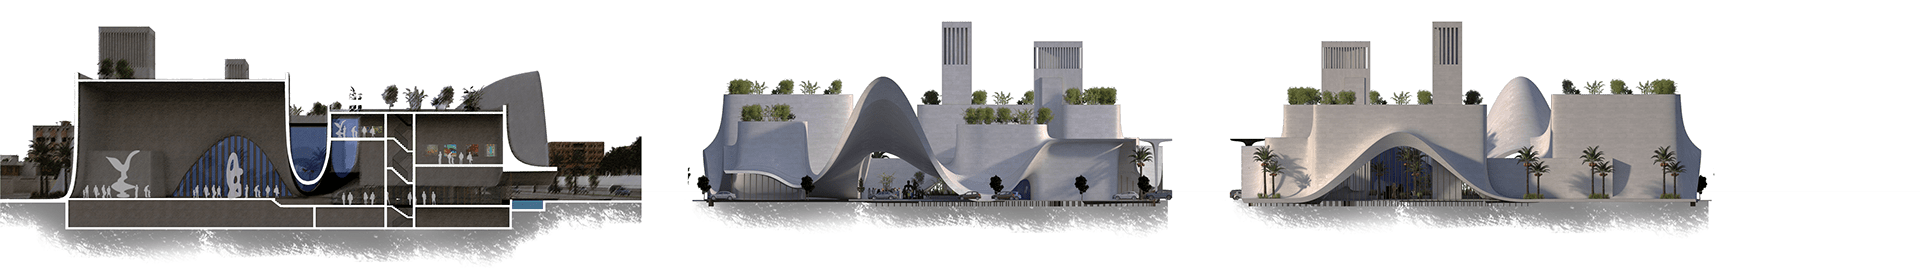 پروژه کامل موزه